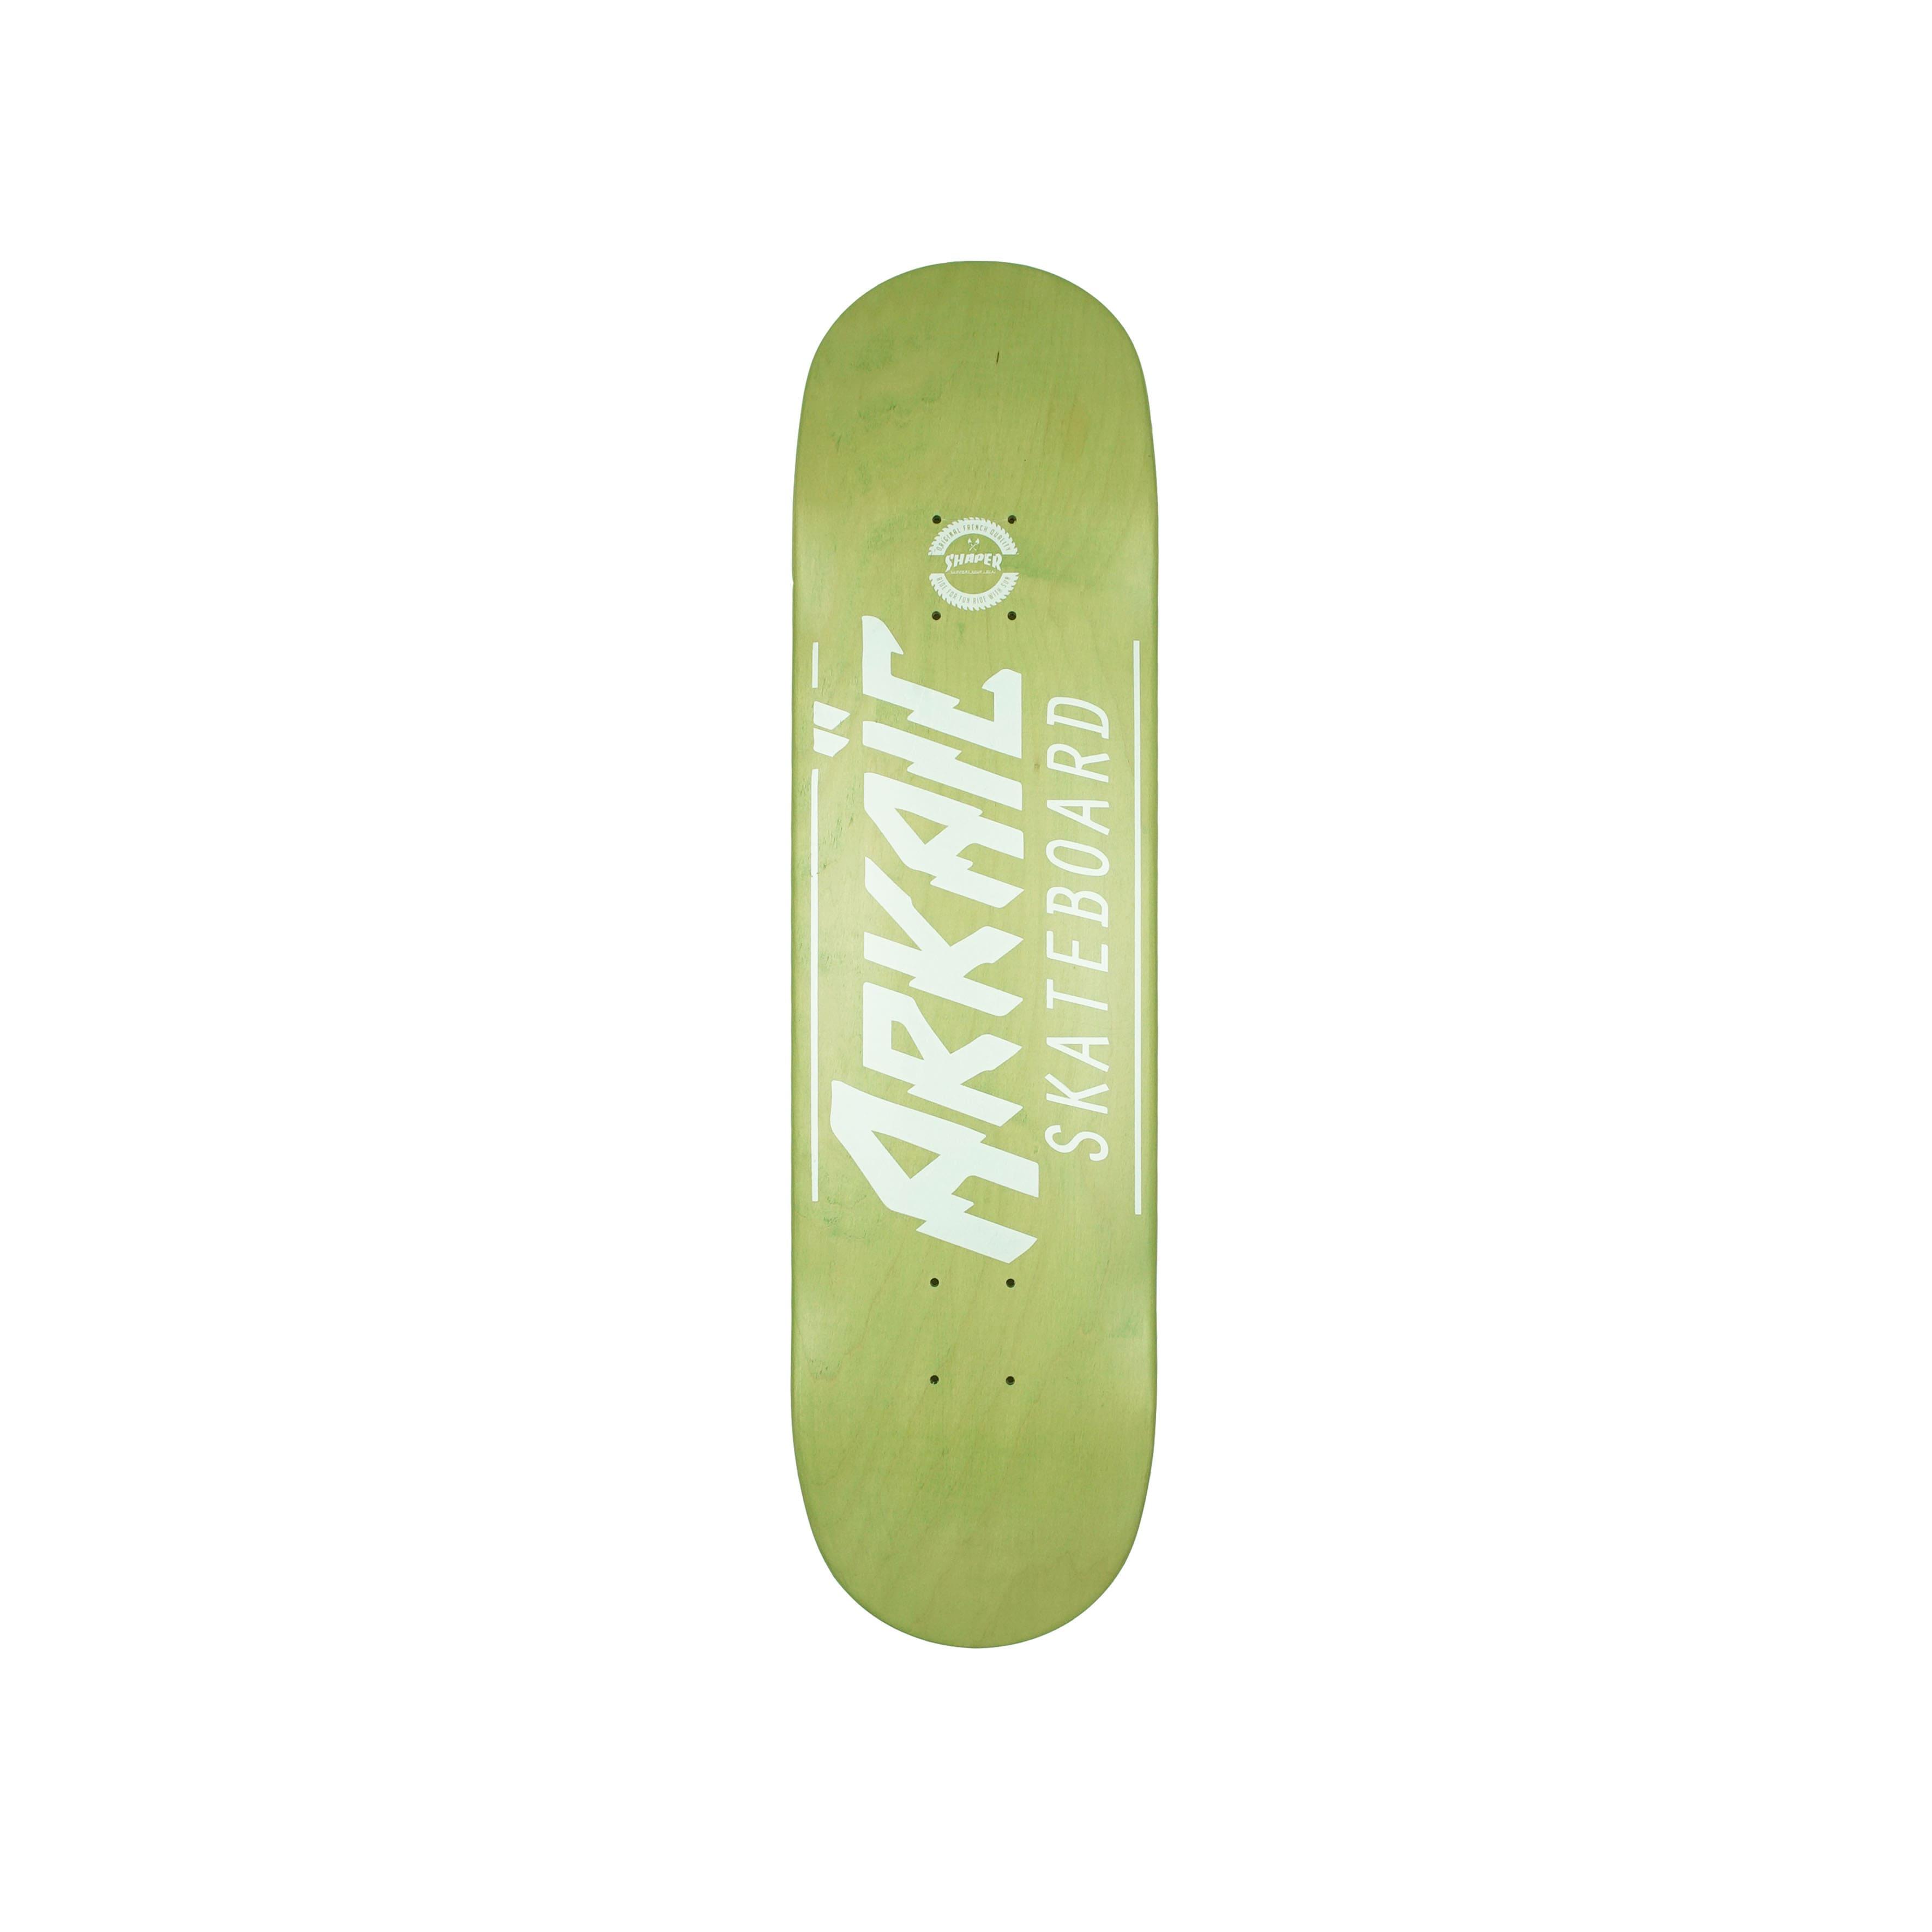 Skateboard made in France 2018